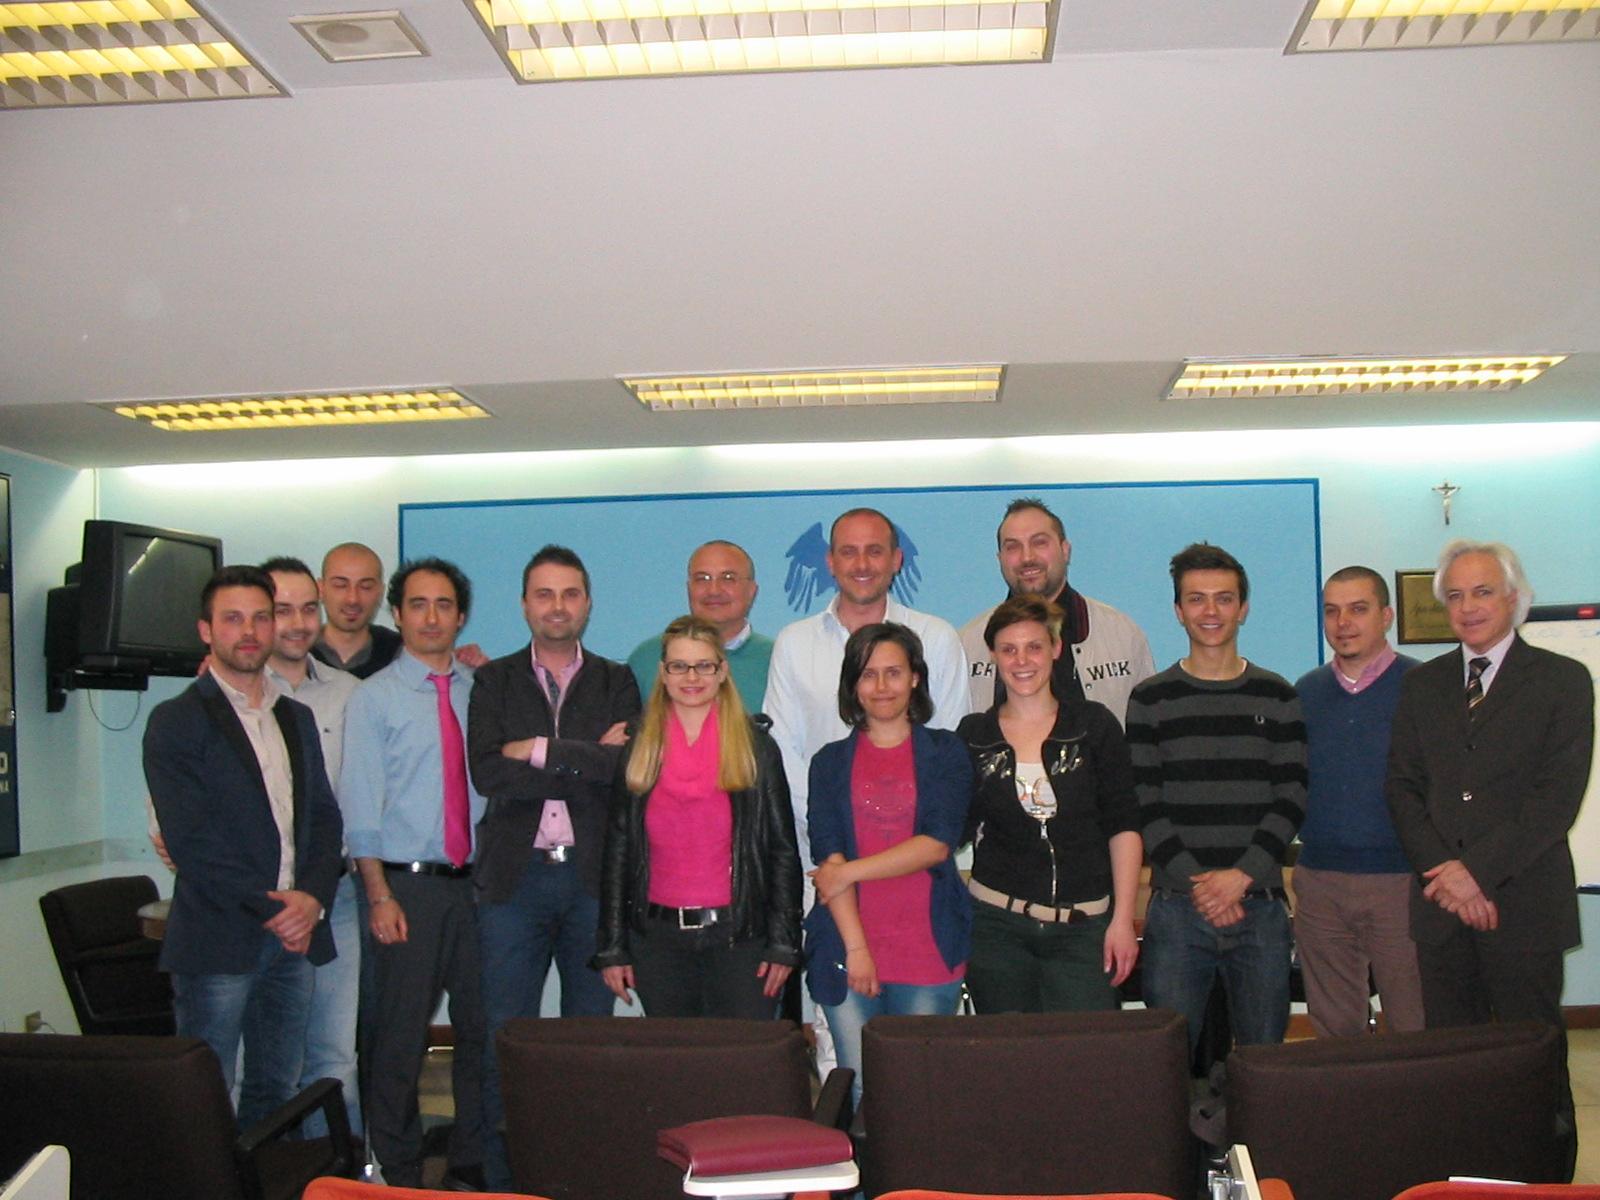 Il Gruppo Giovani Imprenditori con il presidente Confcommercio Fausto Calabresi ed il direttore Giorgio Fiori